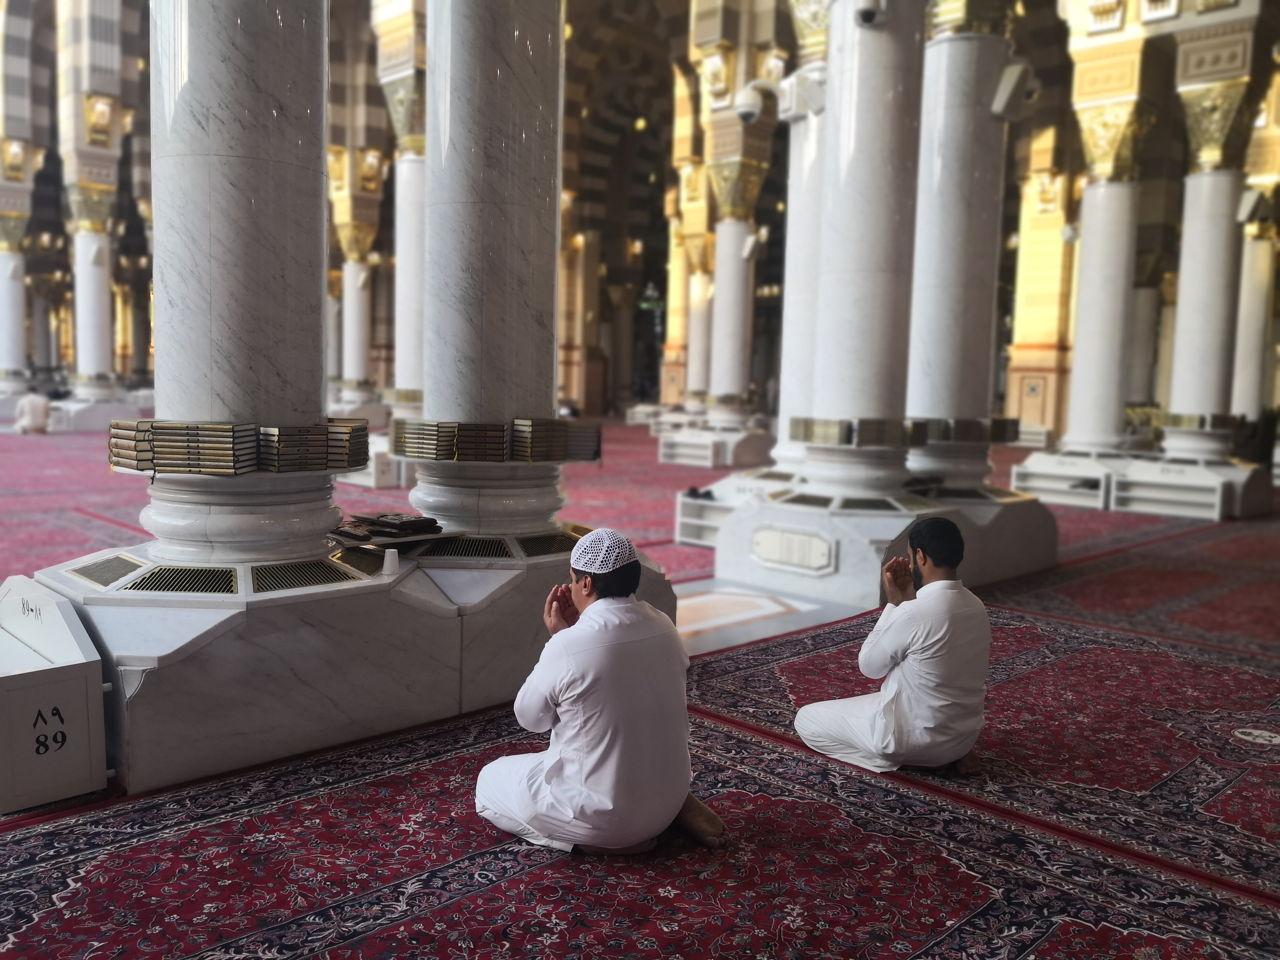 Hukum Mengangkat Tangan saat Berdoa - MuadzDotCom - Sahabat Belajar Islam